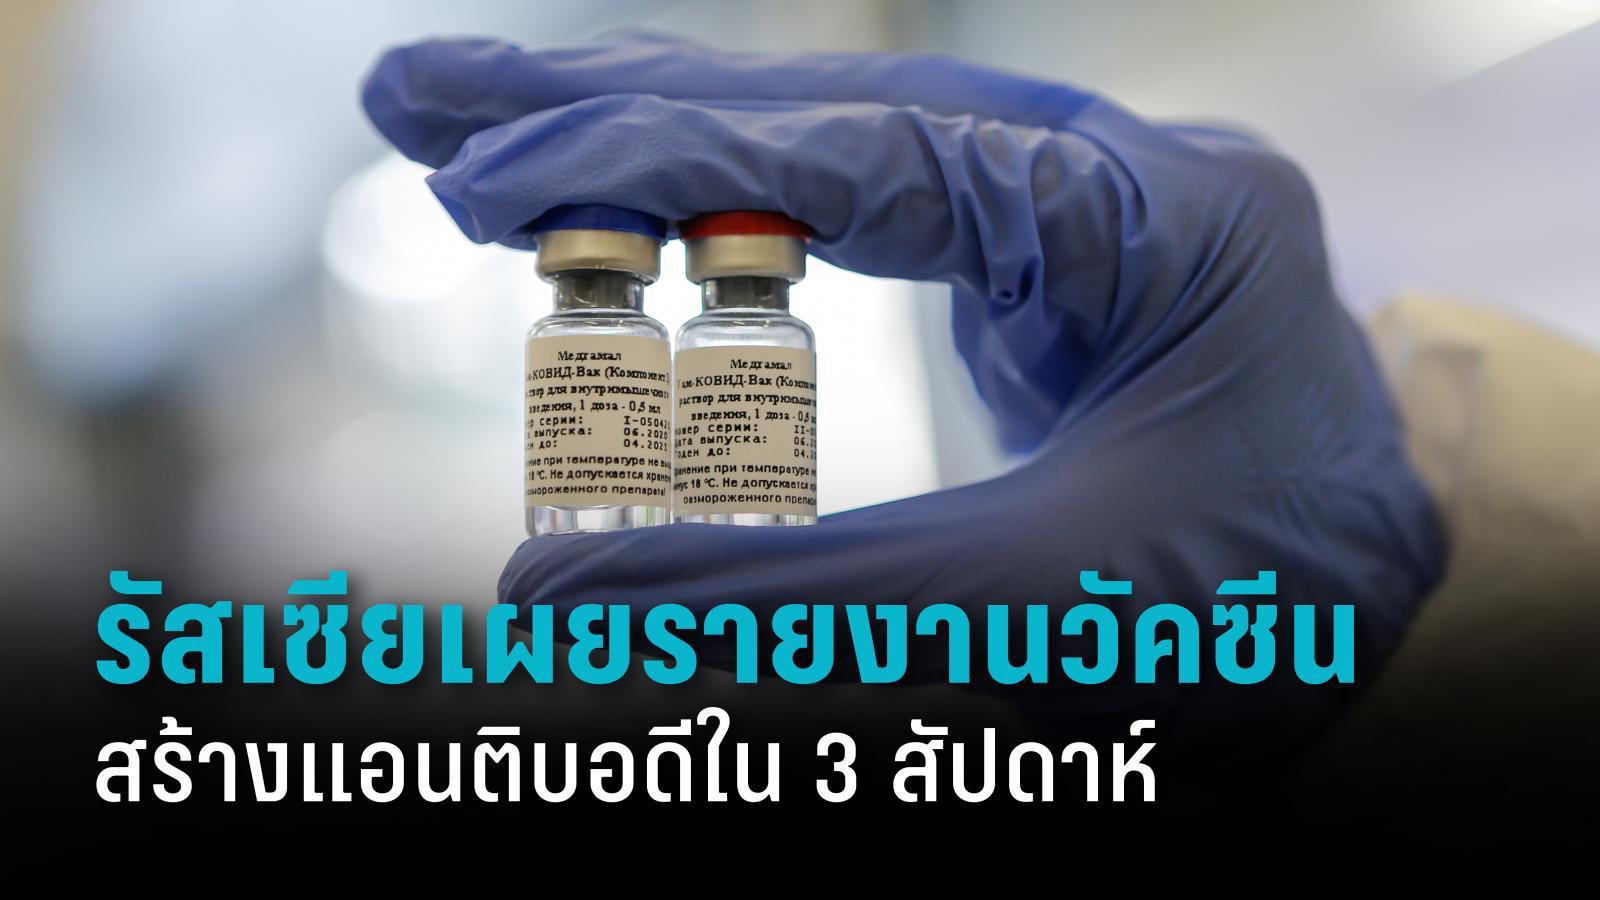 รัสเซียเผยรายงานผลการทดสอบวัคซีนโควิด-19 ทางการเป็นครั้งแรก